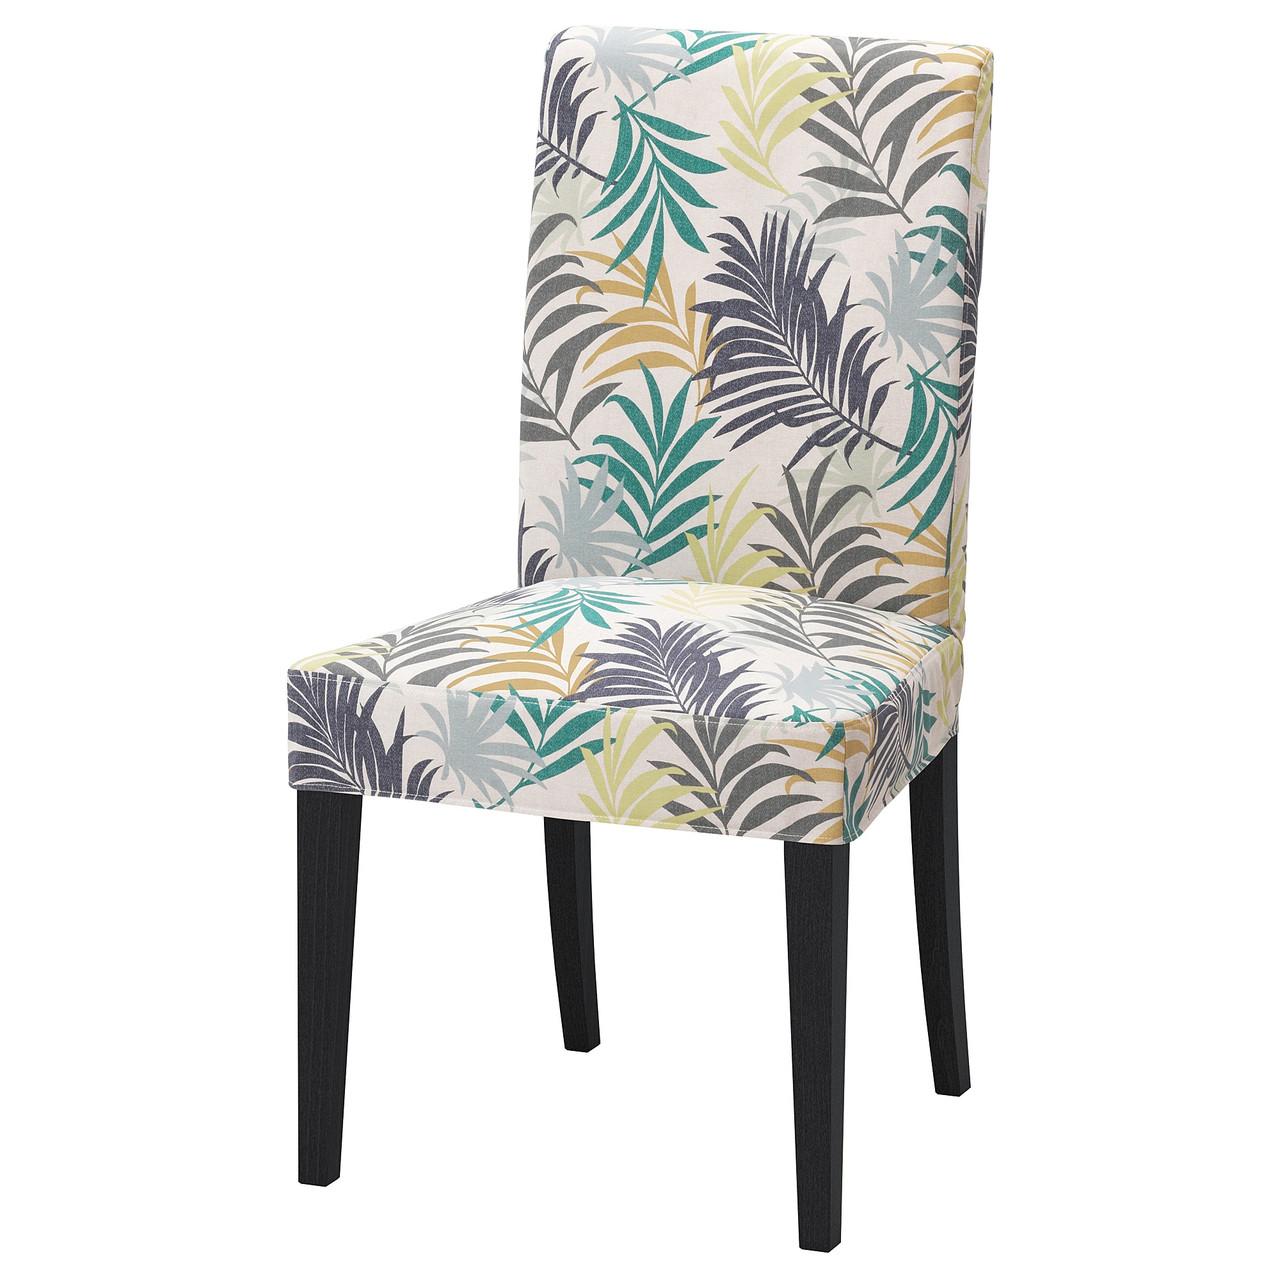 Кресло IKEA HENRIKSDAL Gillhov разноцветное 392.519.45